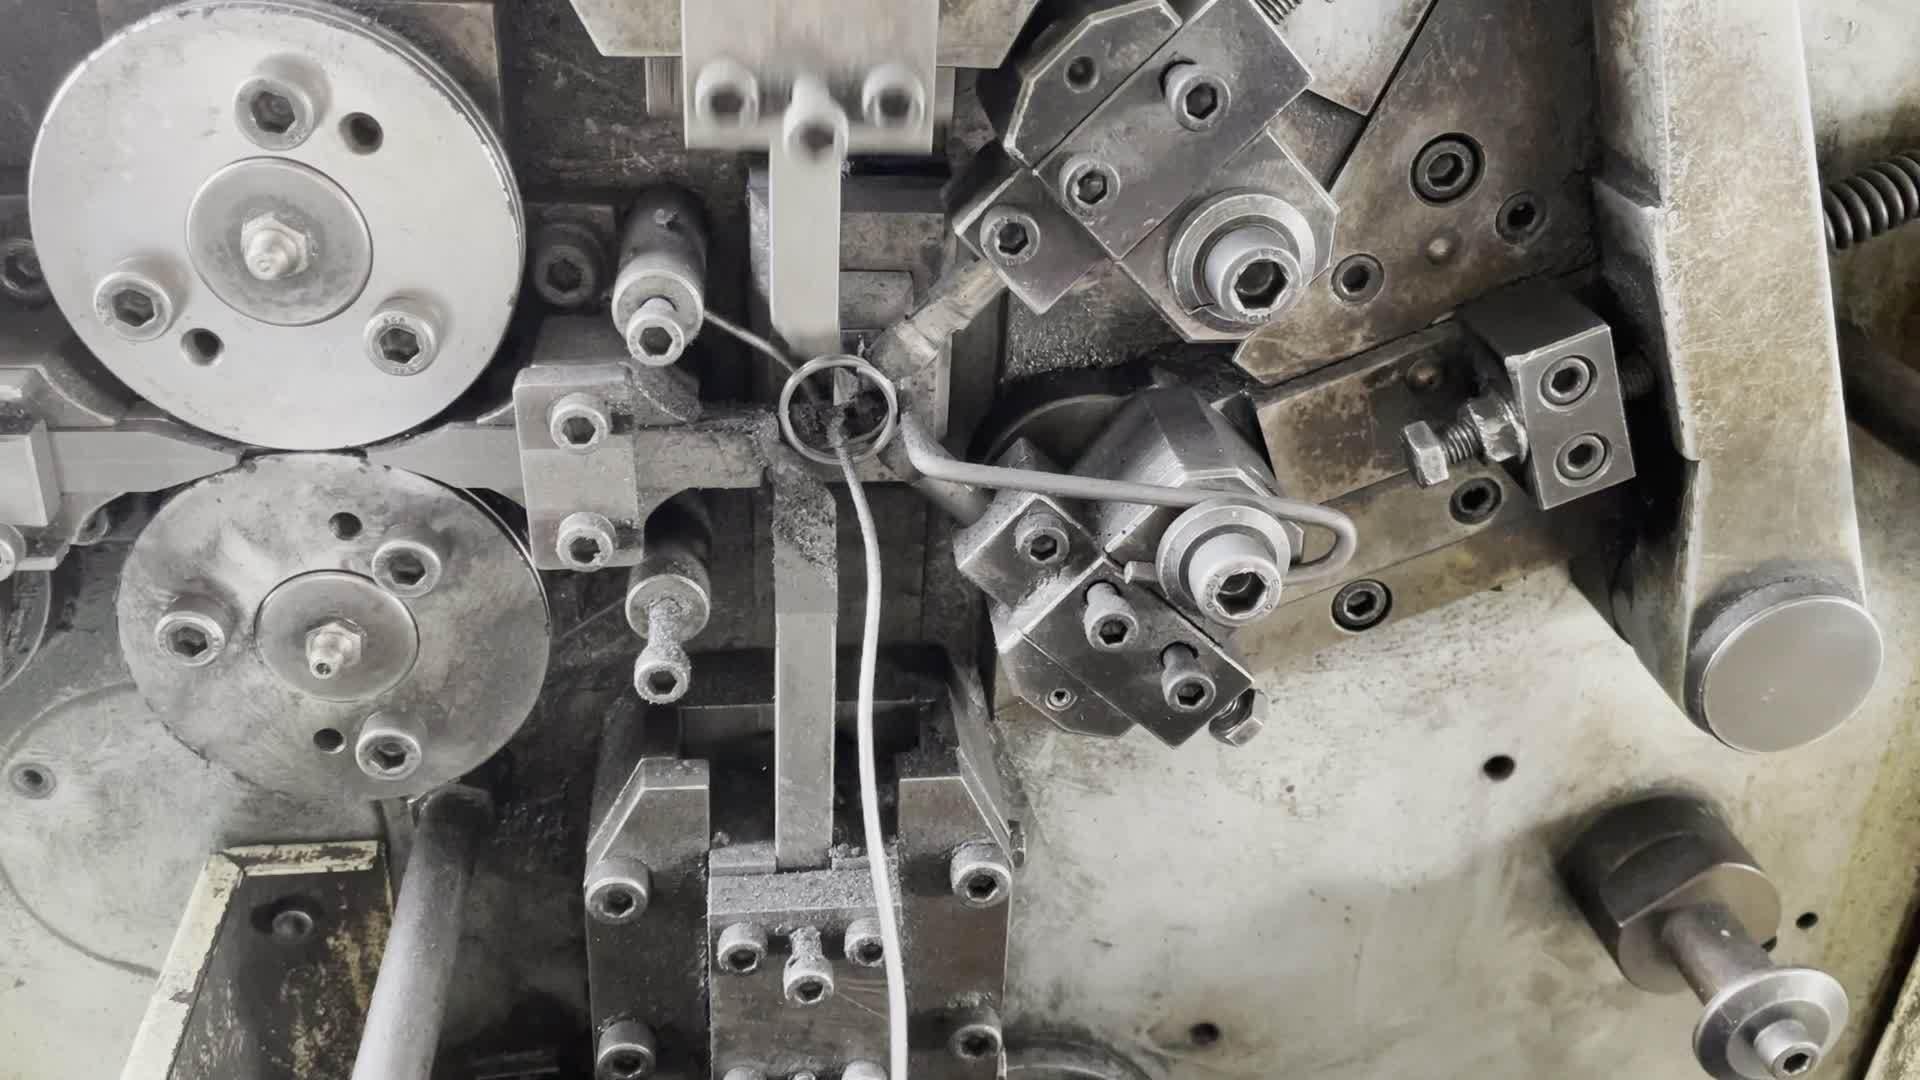 SLTH-MS-040 65mn onderdelen met zwart oxide, roestvrij staal, stempelstaal